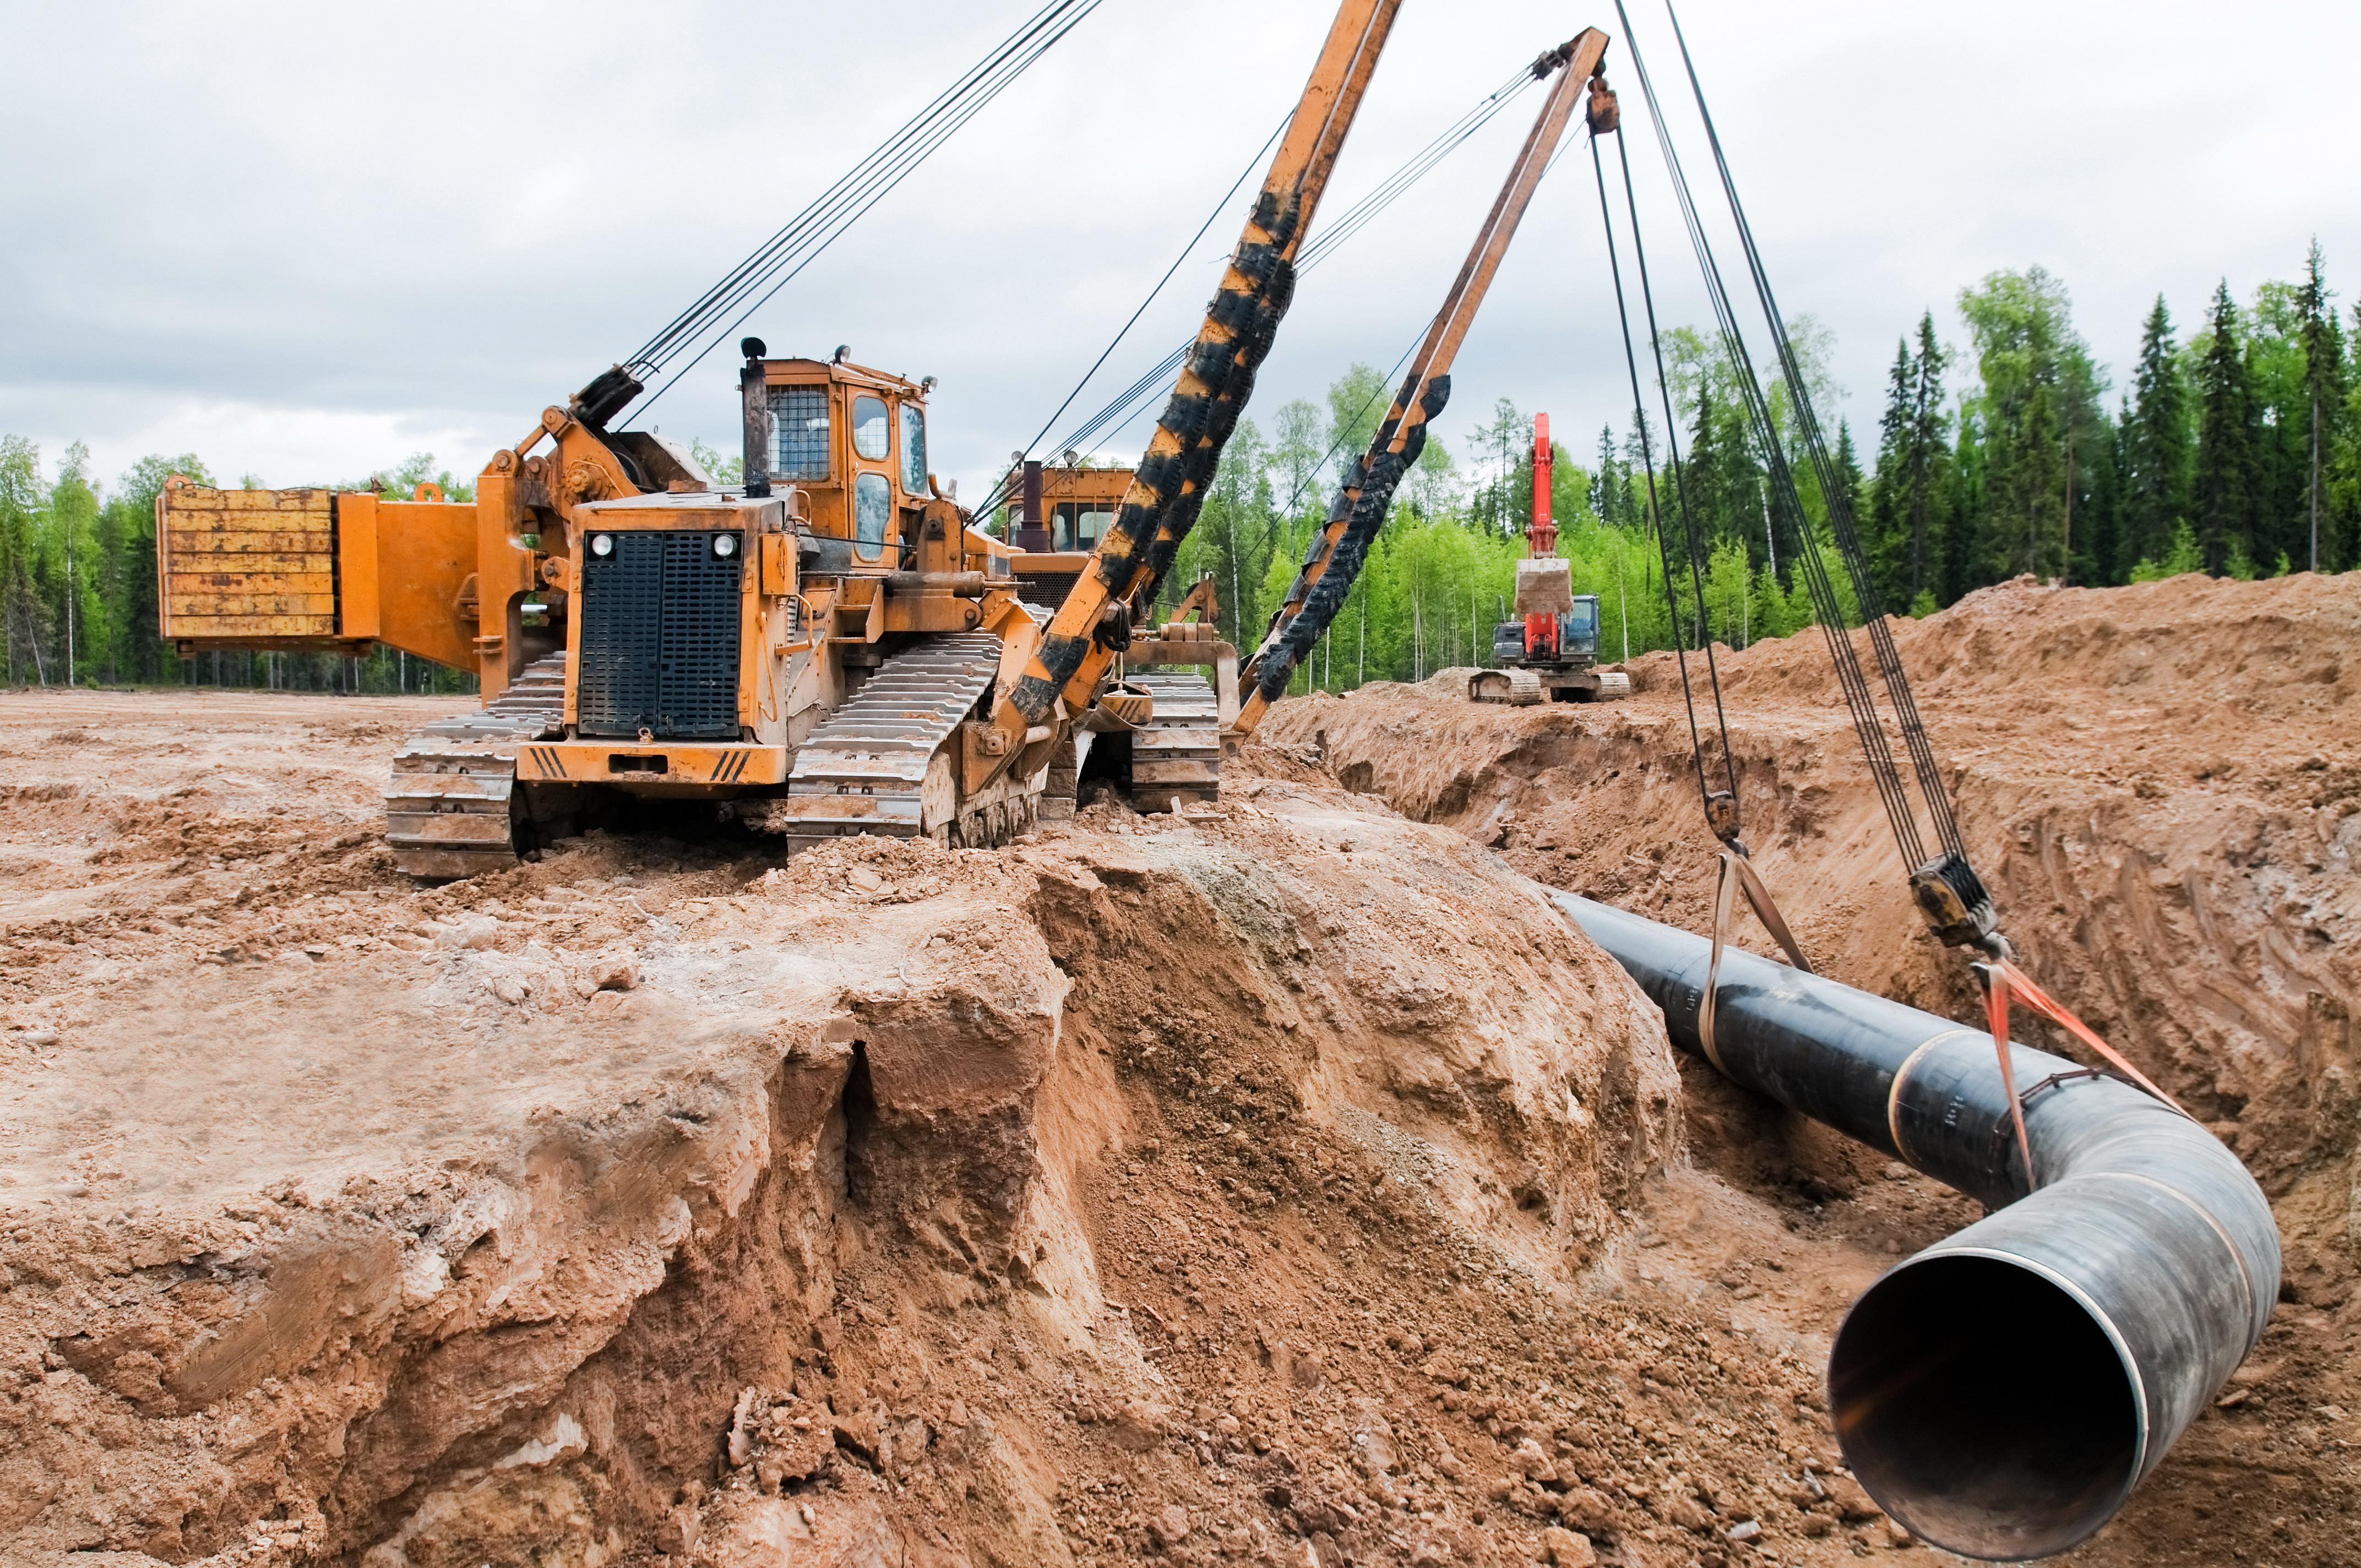 случаи фото строительство трубопровода поверх полупрозрачного белого